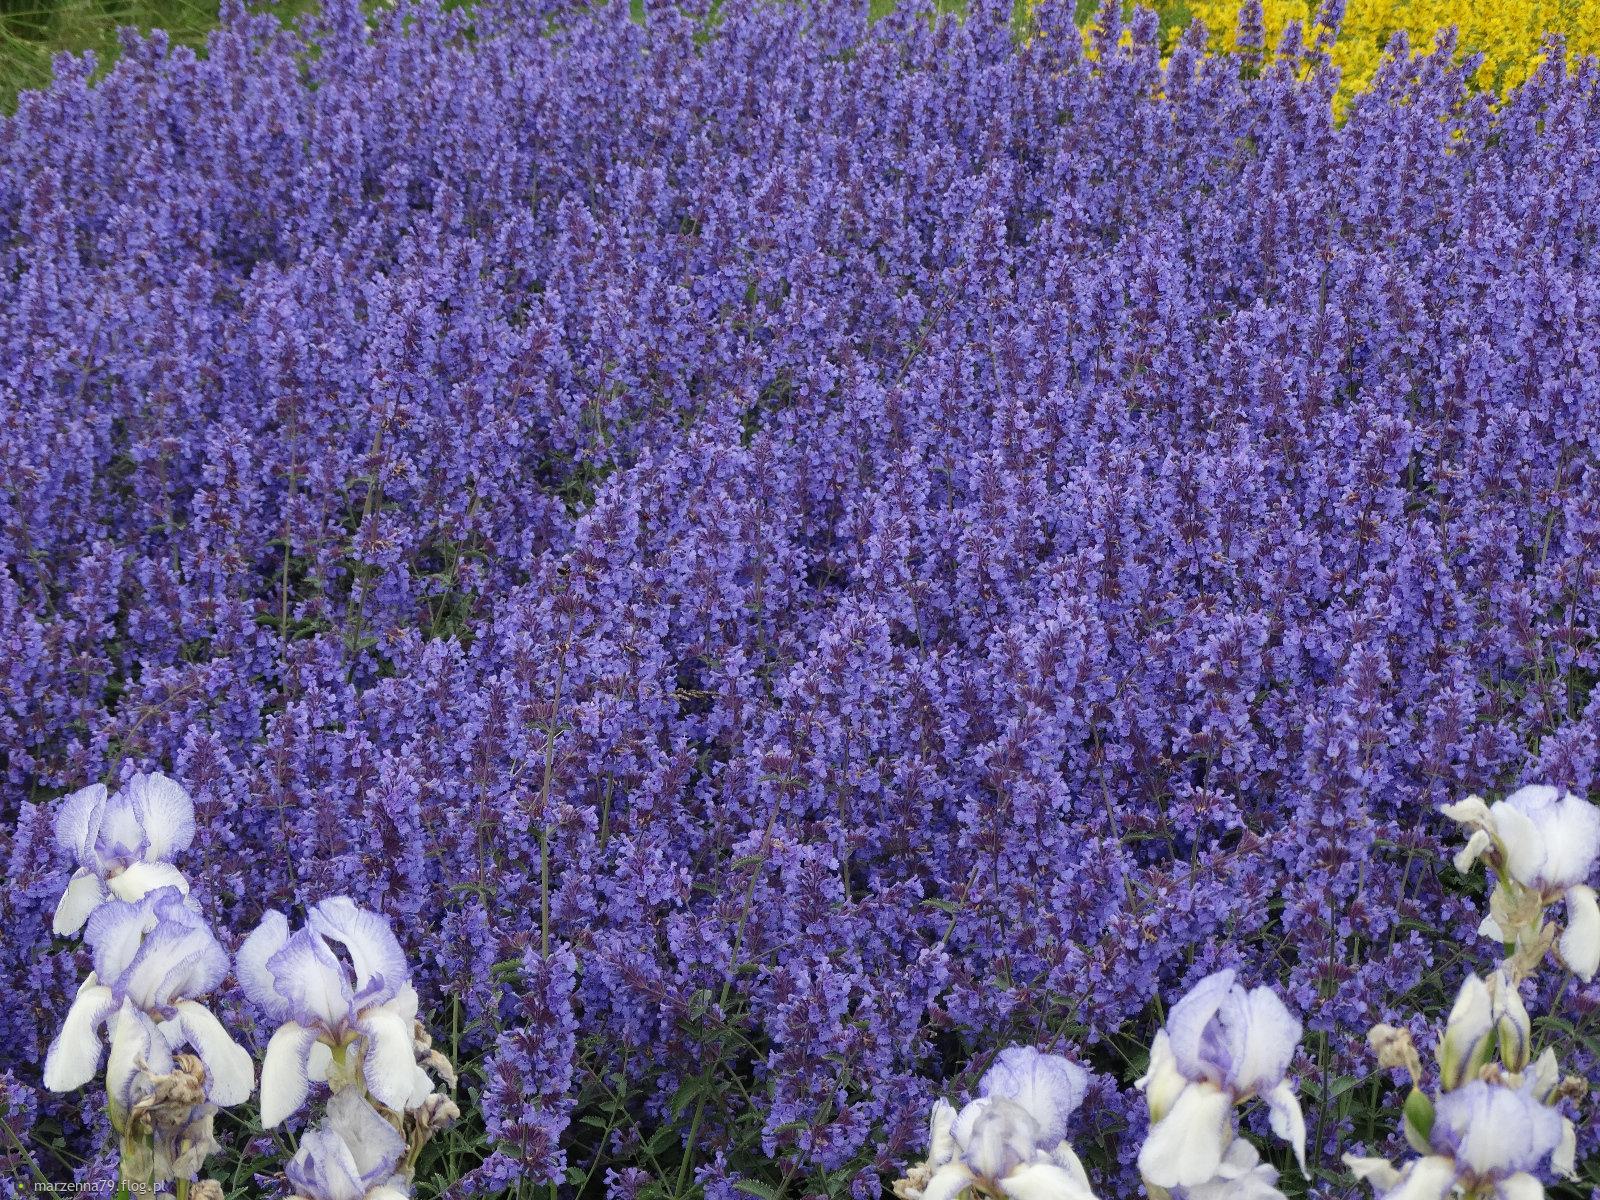 Kwiatki z gdyńskiej rabatki dla Ciebie Basieńko w rewanżu. ✿❀✿❀✿